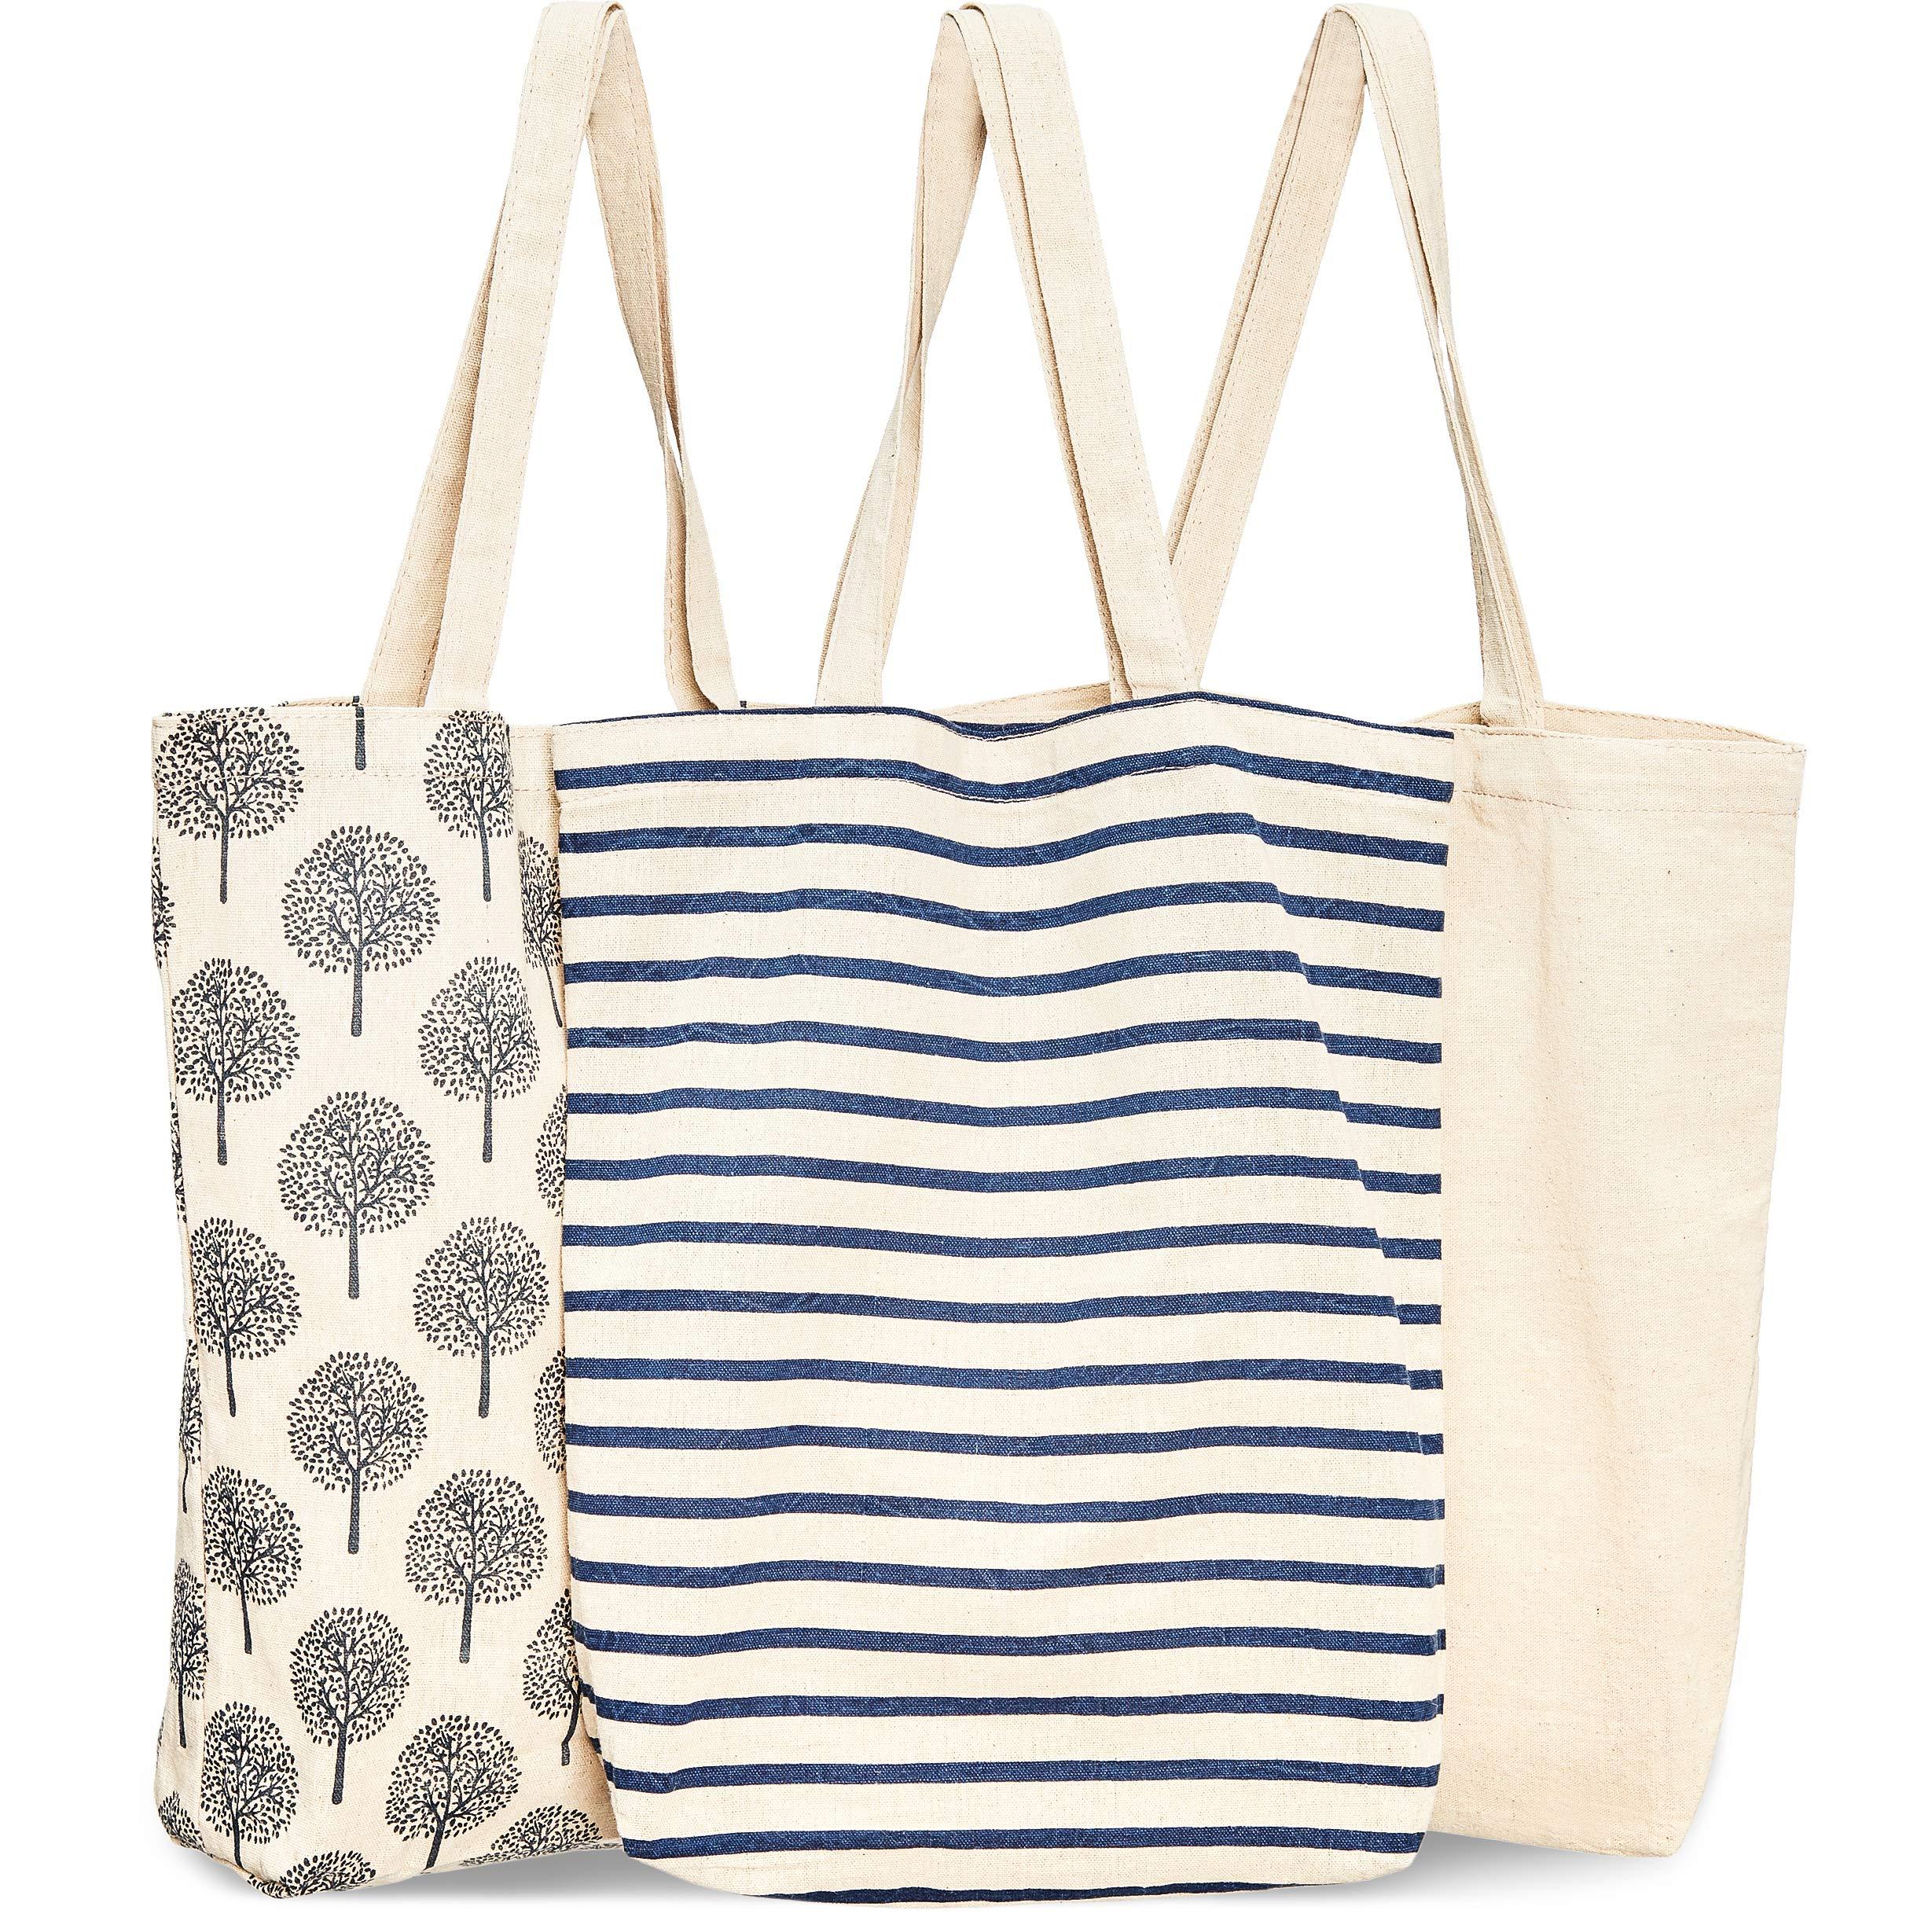 Bolsas reutilizables para comestibles, 3 unidades, 3 diseños diferentes, bolsas con asas para la compra de algodón duraderas, 38 x 42 x 9,4 cm: Amazon.es: Hogar